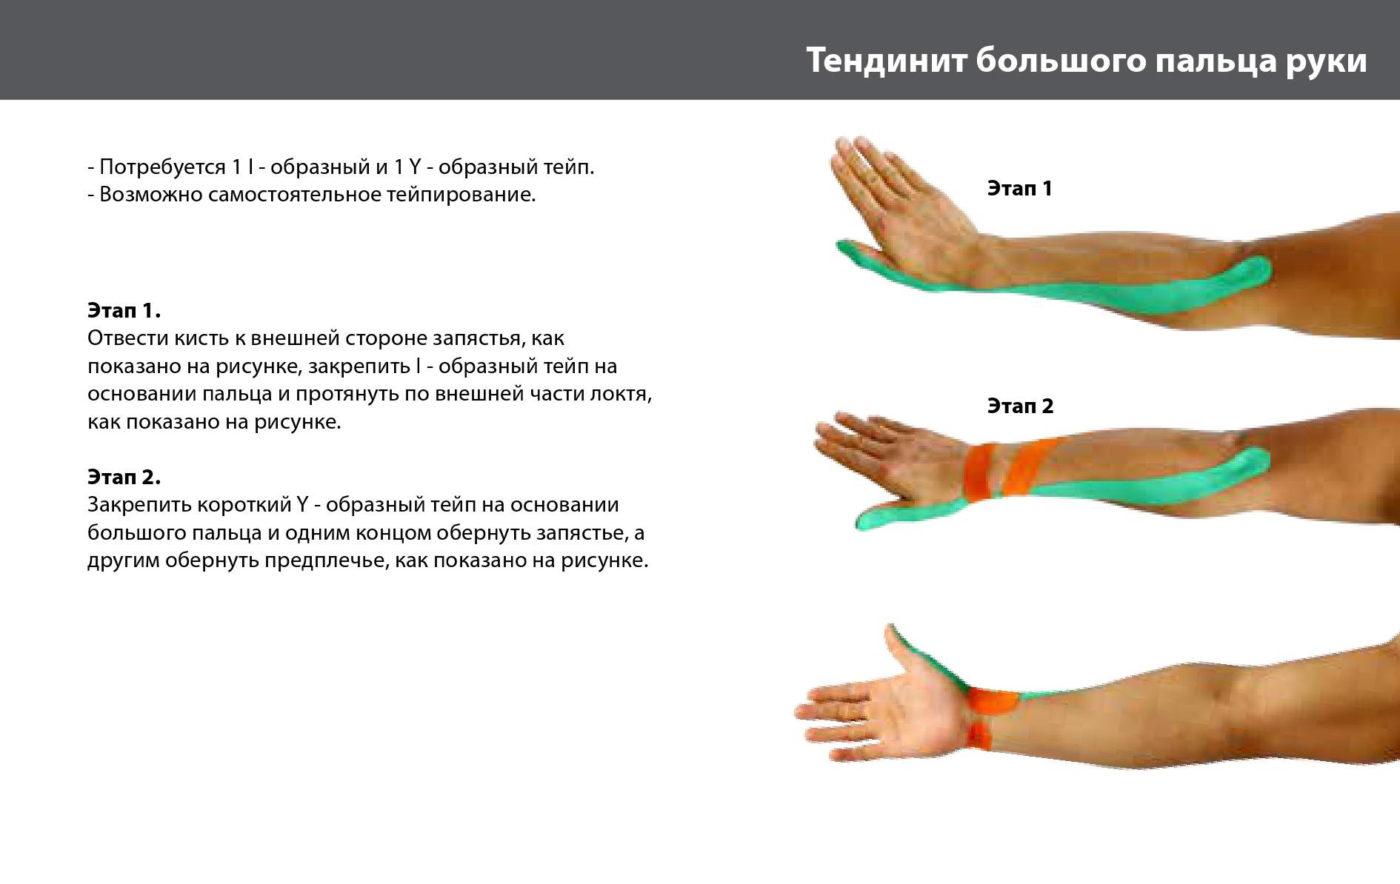 Как зафиксировать сустав большого пальца руки анатамия плечевого сустава